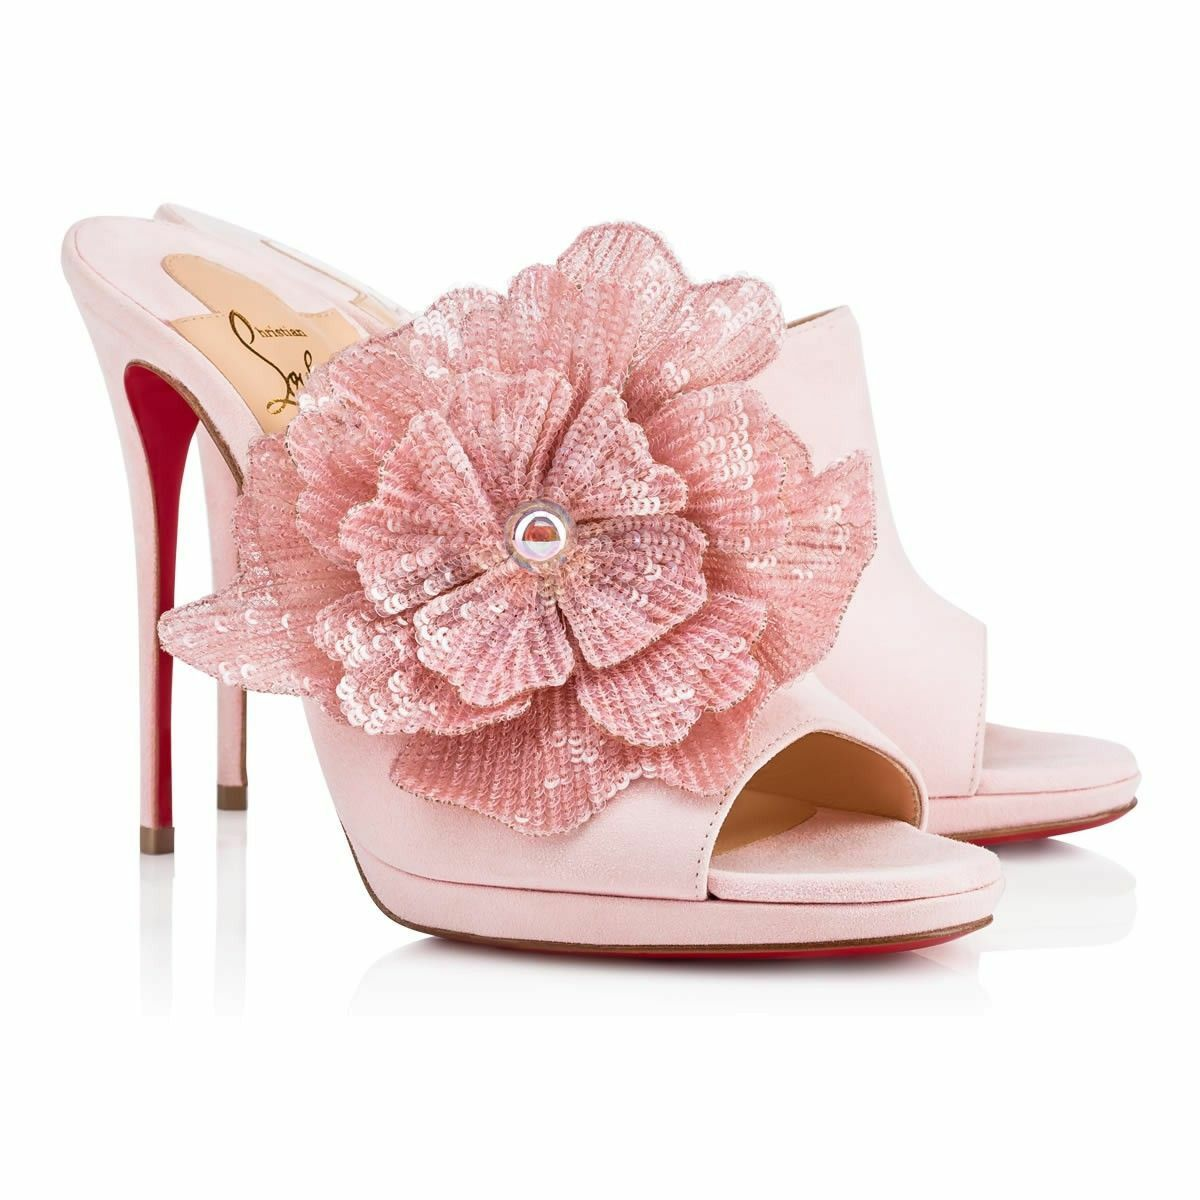 NIB Christian Louboutin Submuline 120 Pink Suede Flower Mule Sandal Heel Pump 38